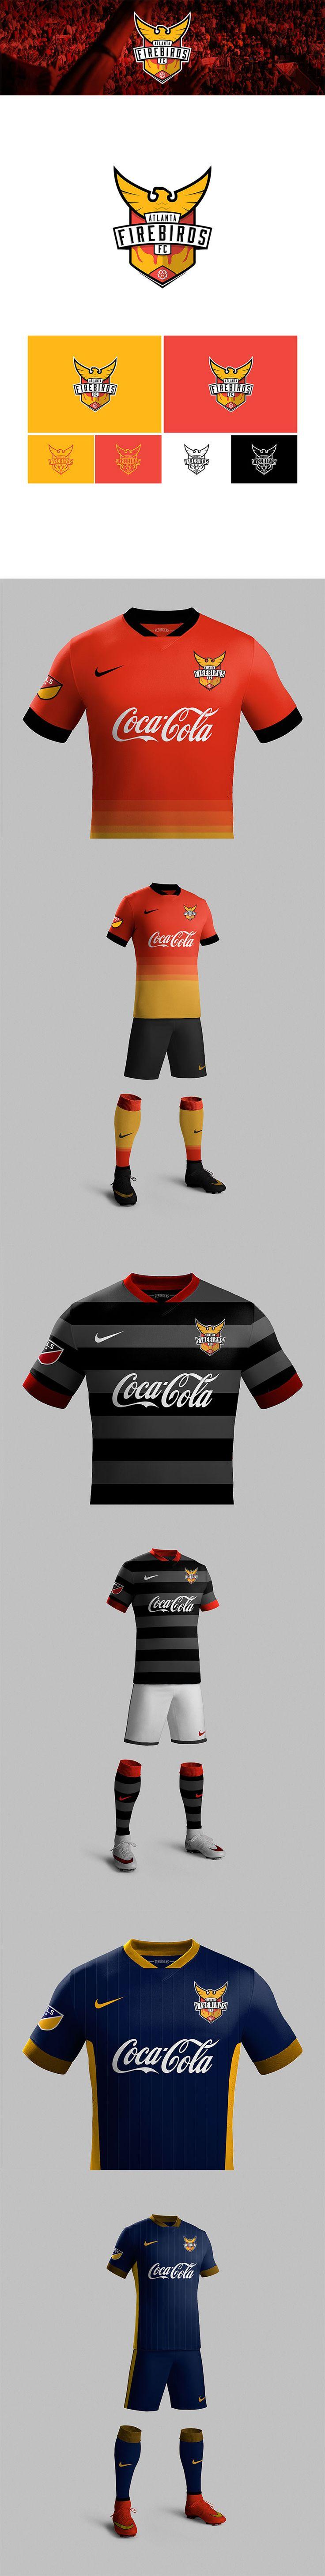 Atlanta MLS Team by Carlos Sanchez